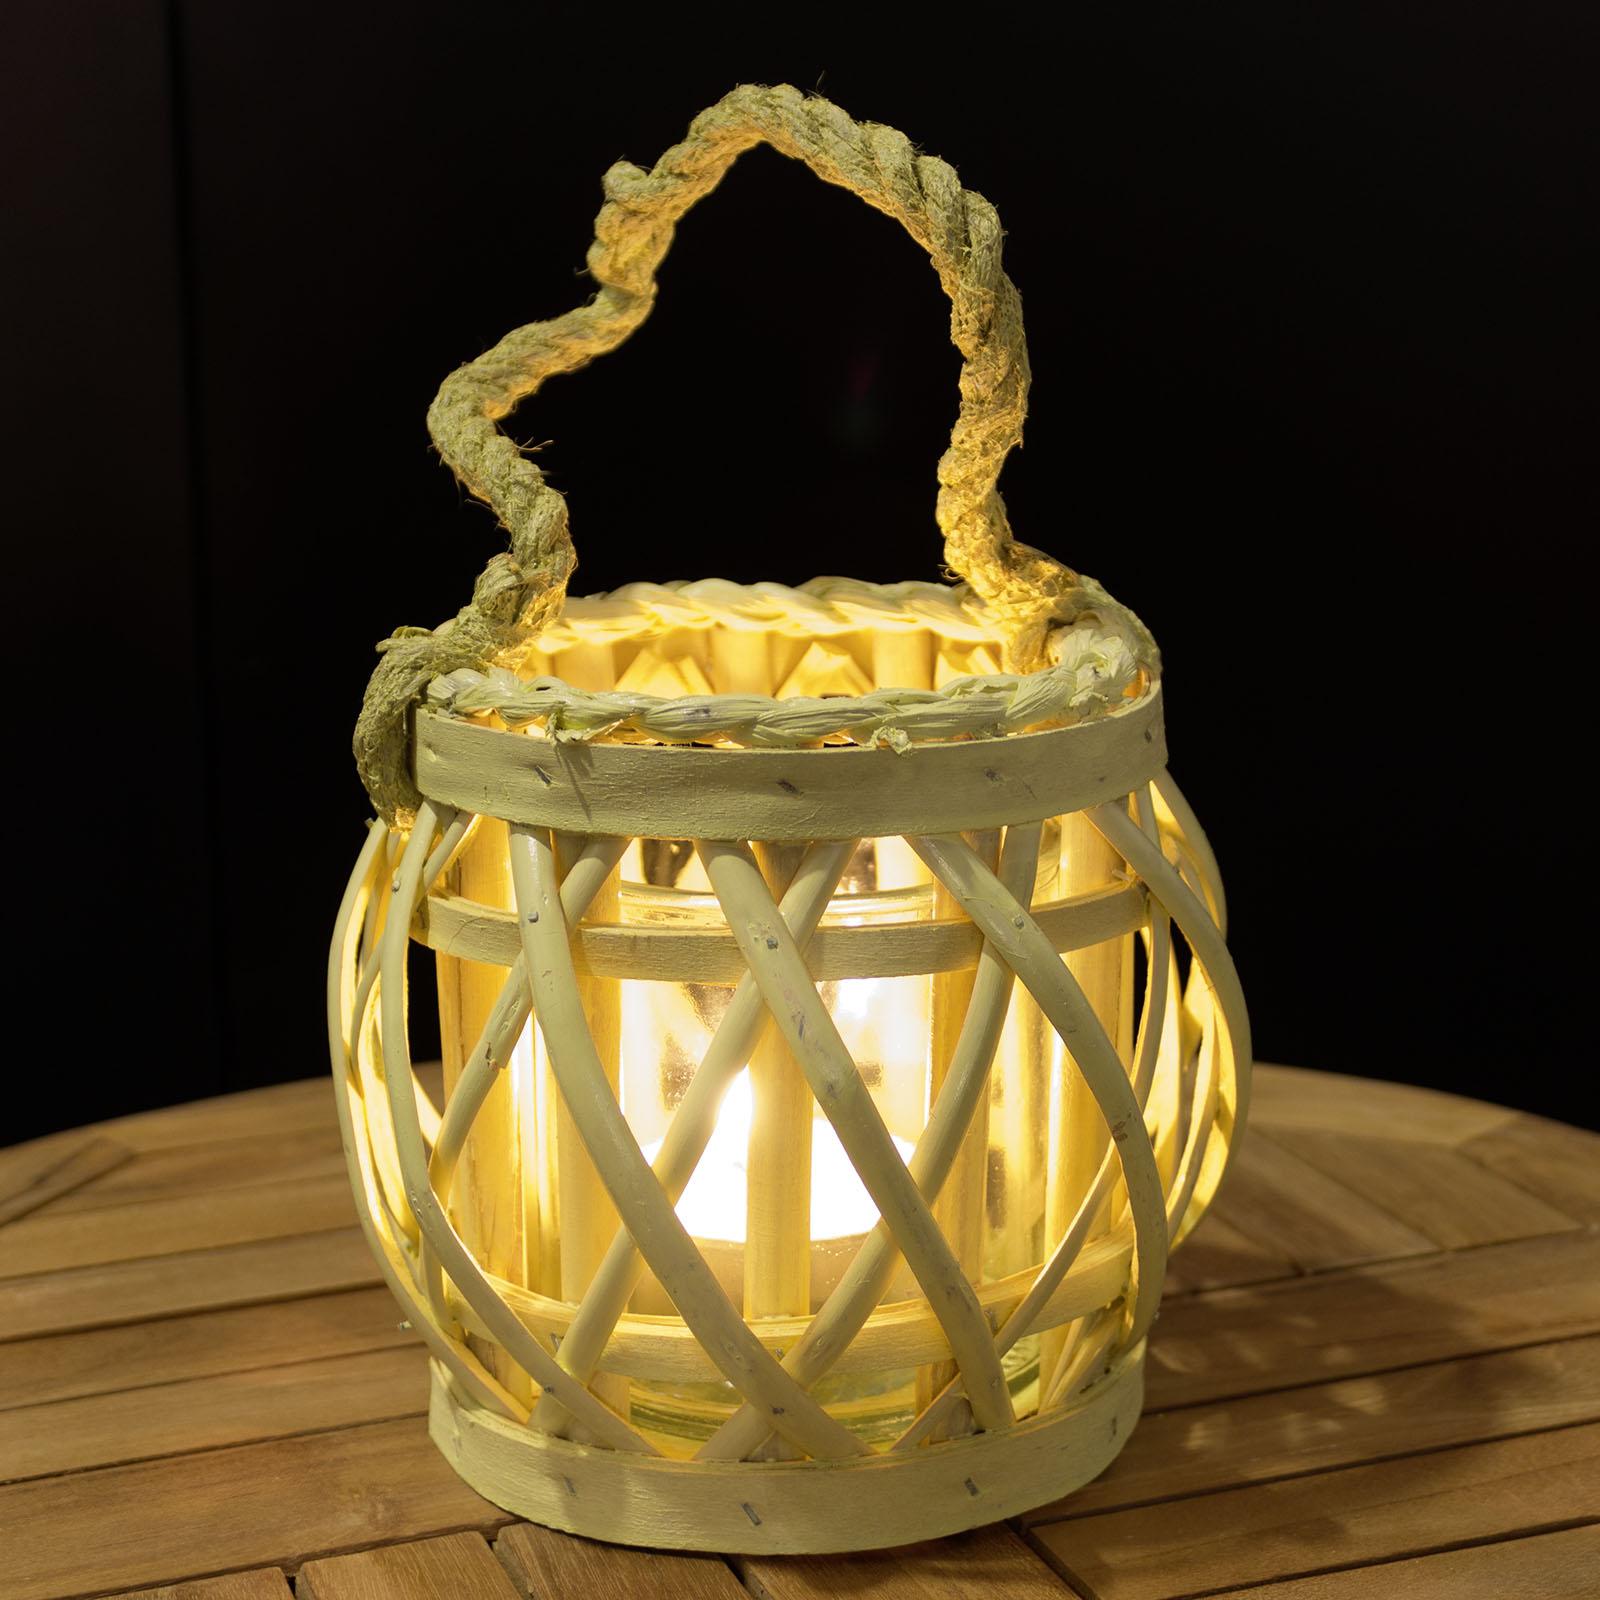 4 windlichter aus holz mit glaseinsatz kerzenst nder kerzenhalter ebay. Black Bedroom Furniture Sets. Home Design Ideas